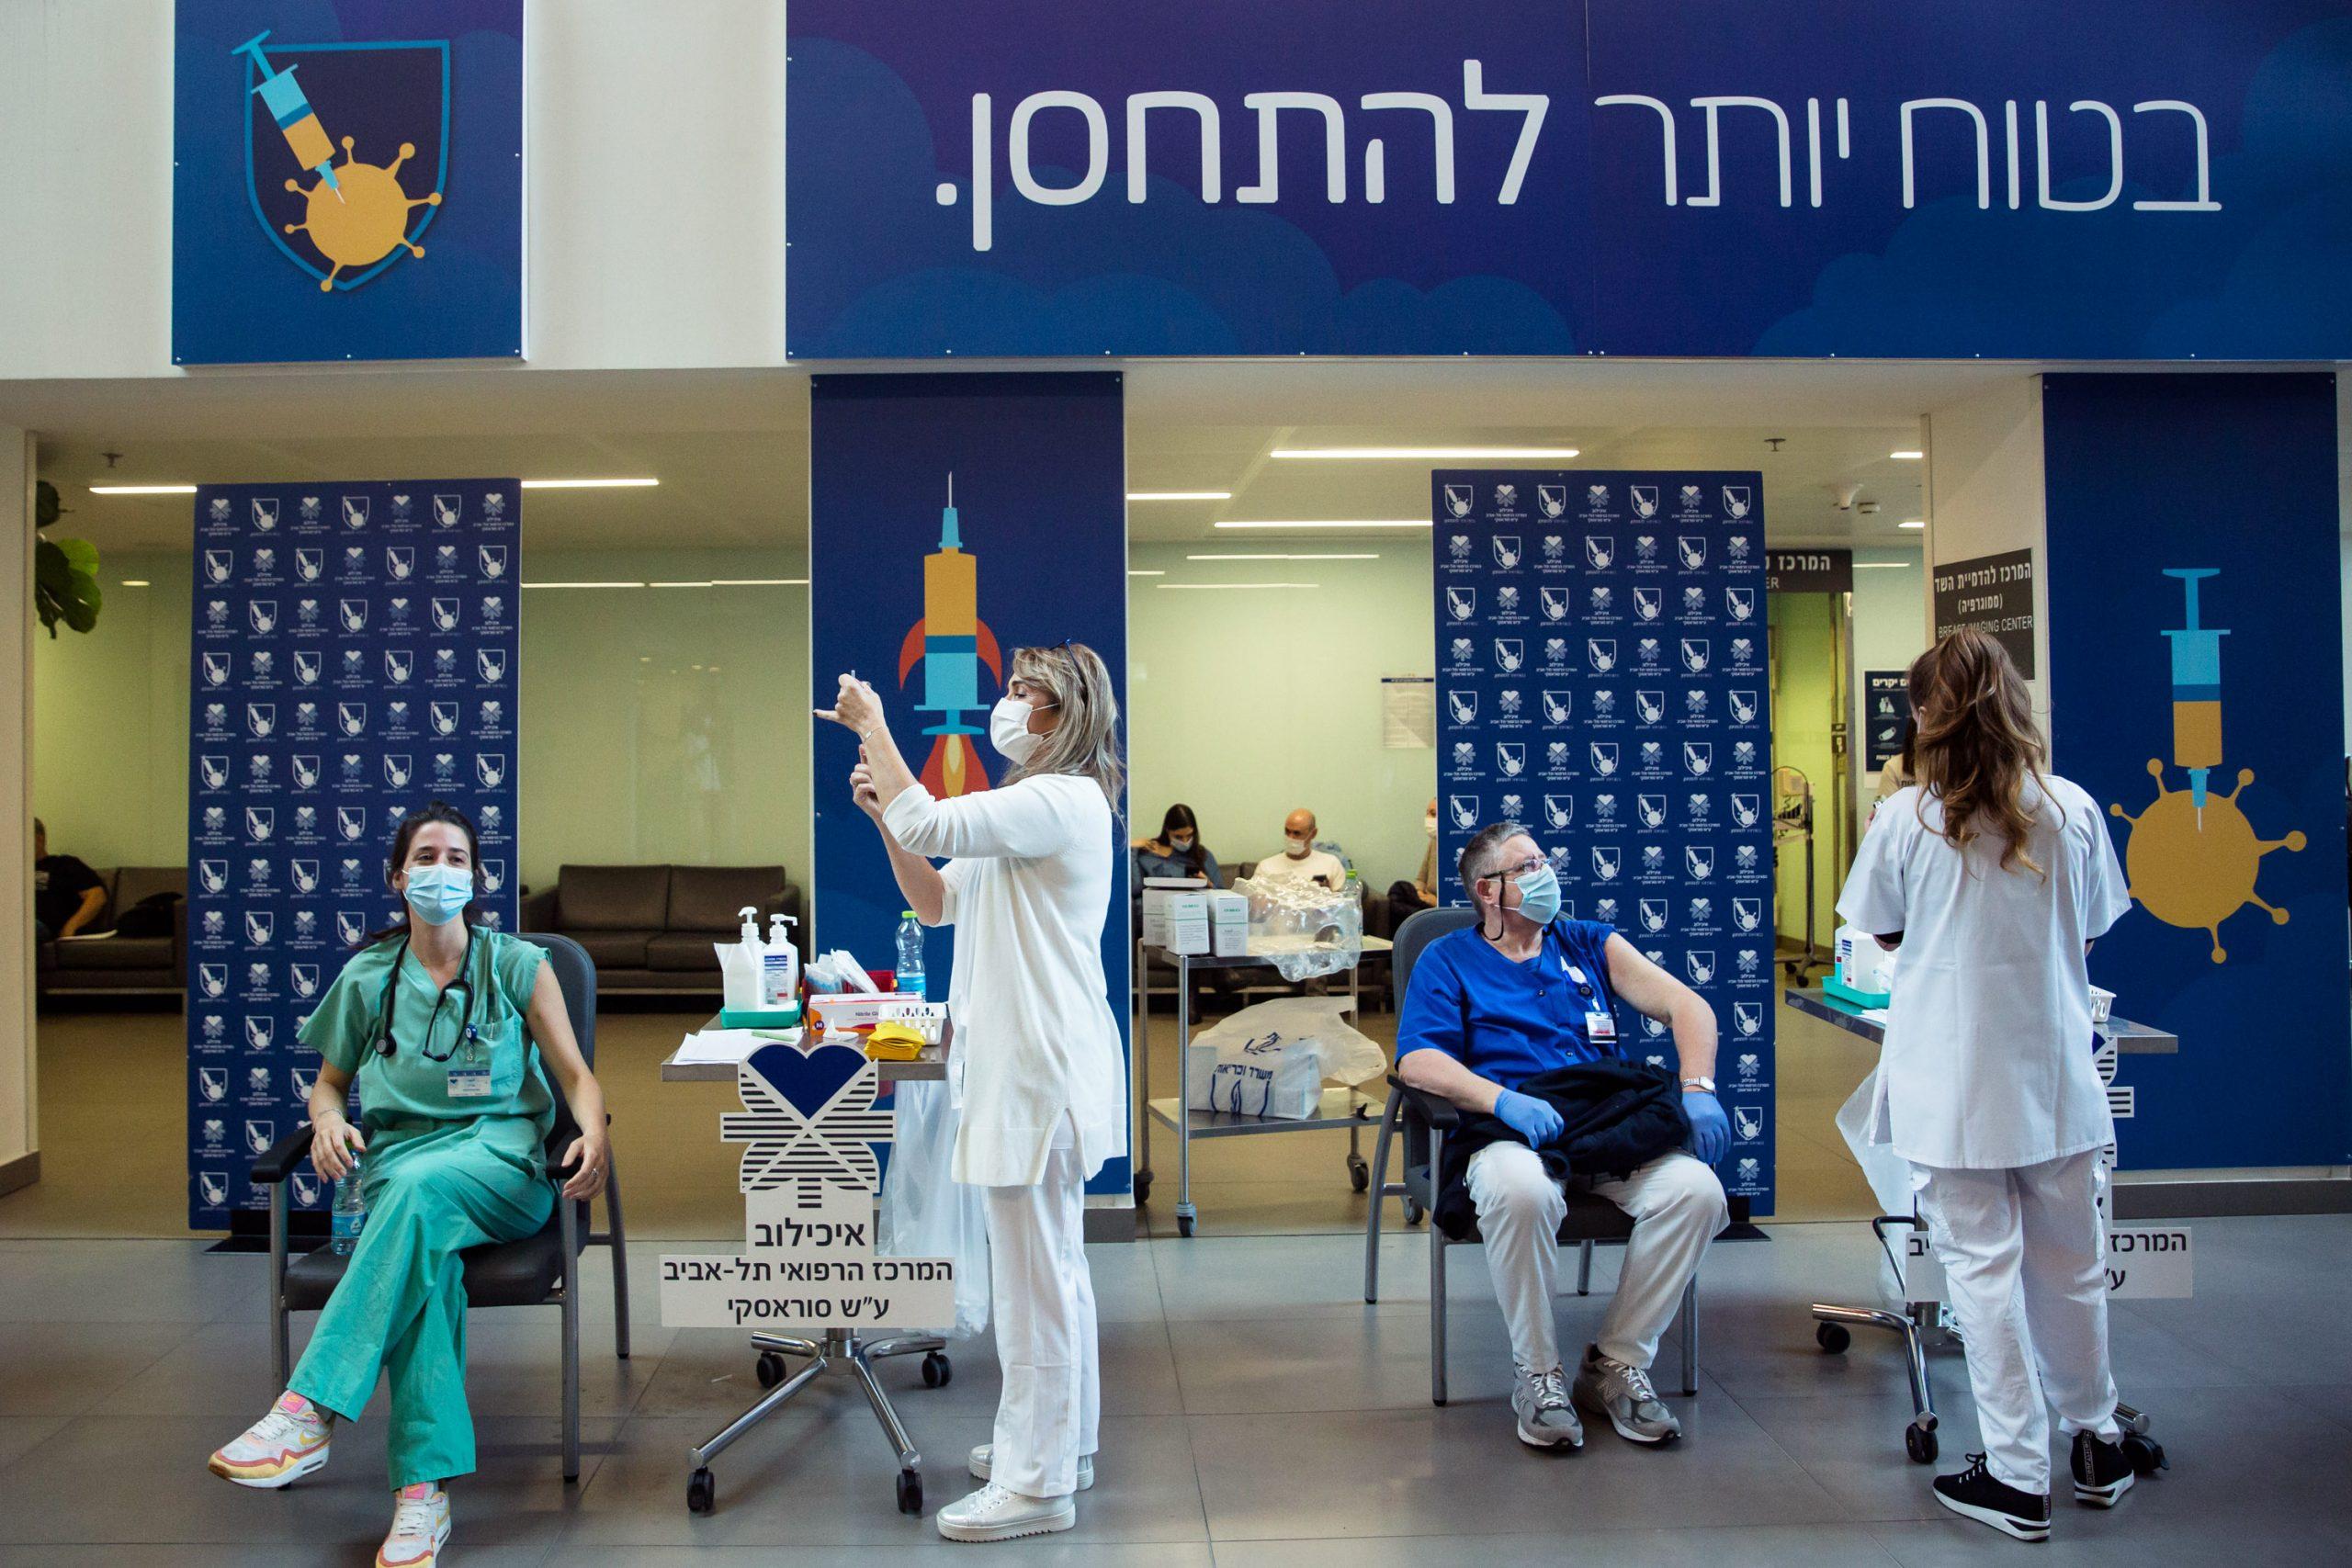 ワクチン接種最速「イスラエルは成功モデルではない」